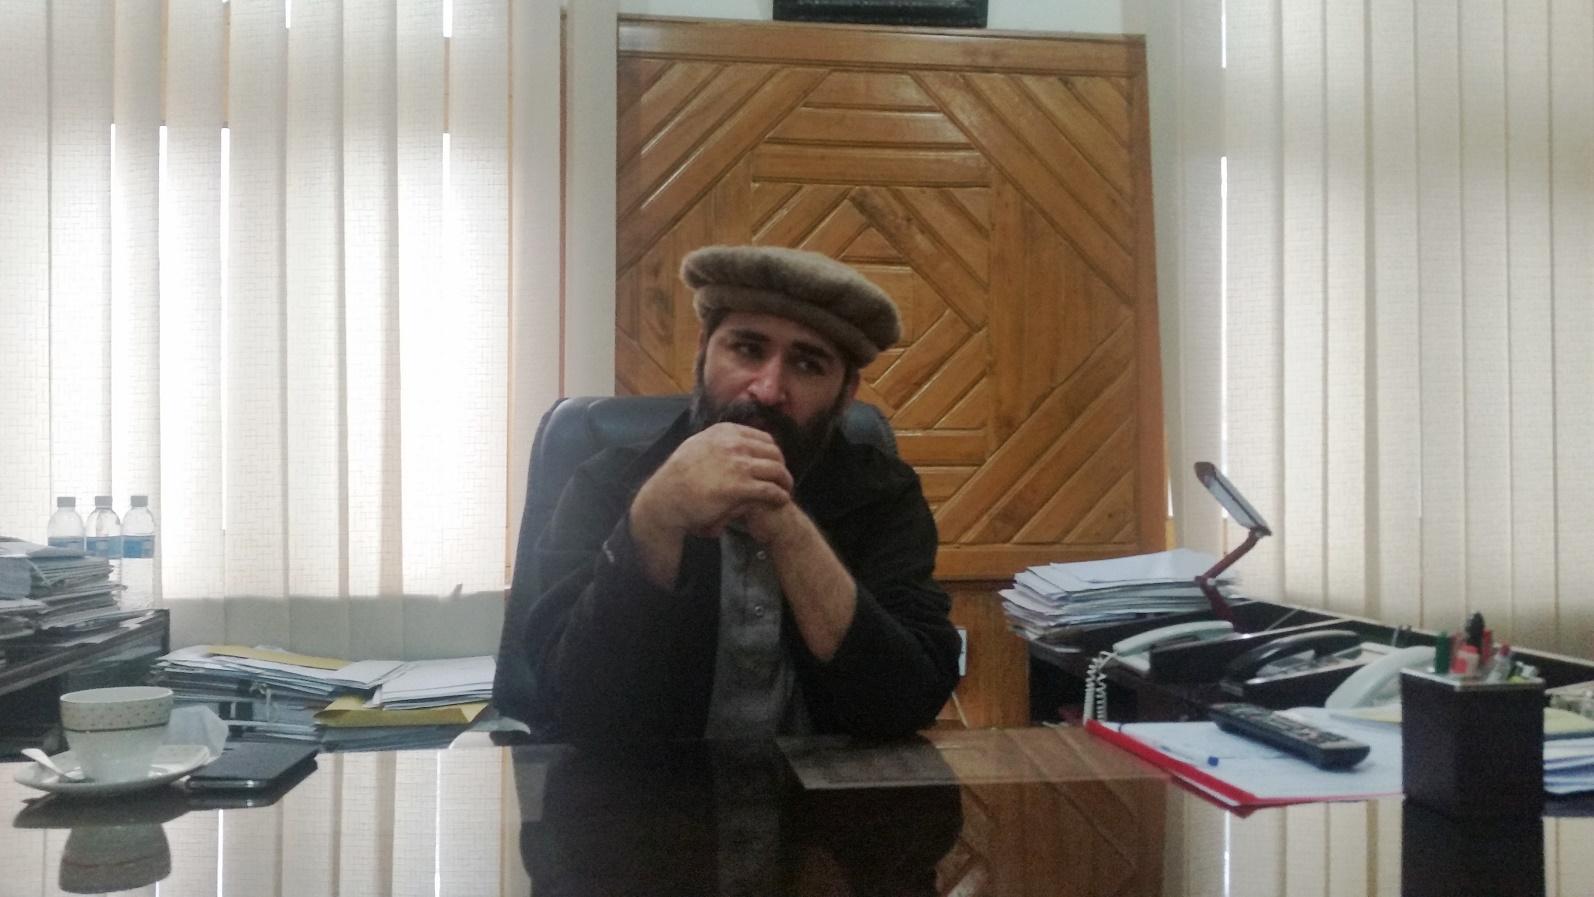 پروفیسروں کے تجربات اور سفارشات کوتعلیمی پالیسی کا حصہ بنایا جائے گا، ثنا اللہ سیکرٹری ایجوکیشن